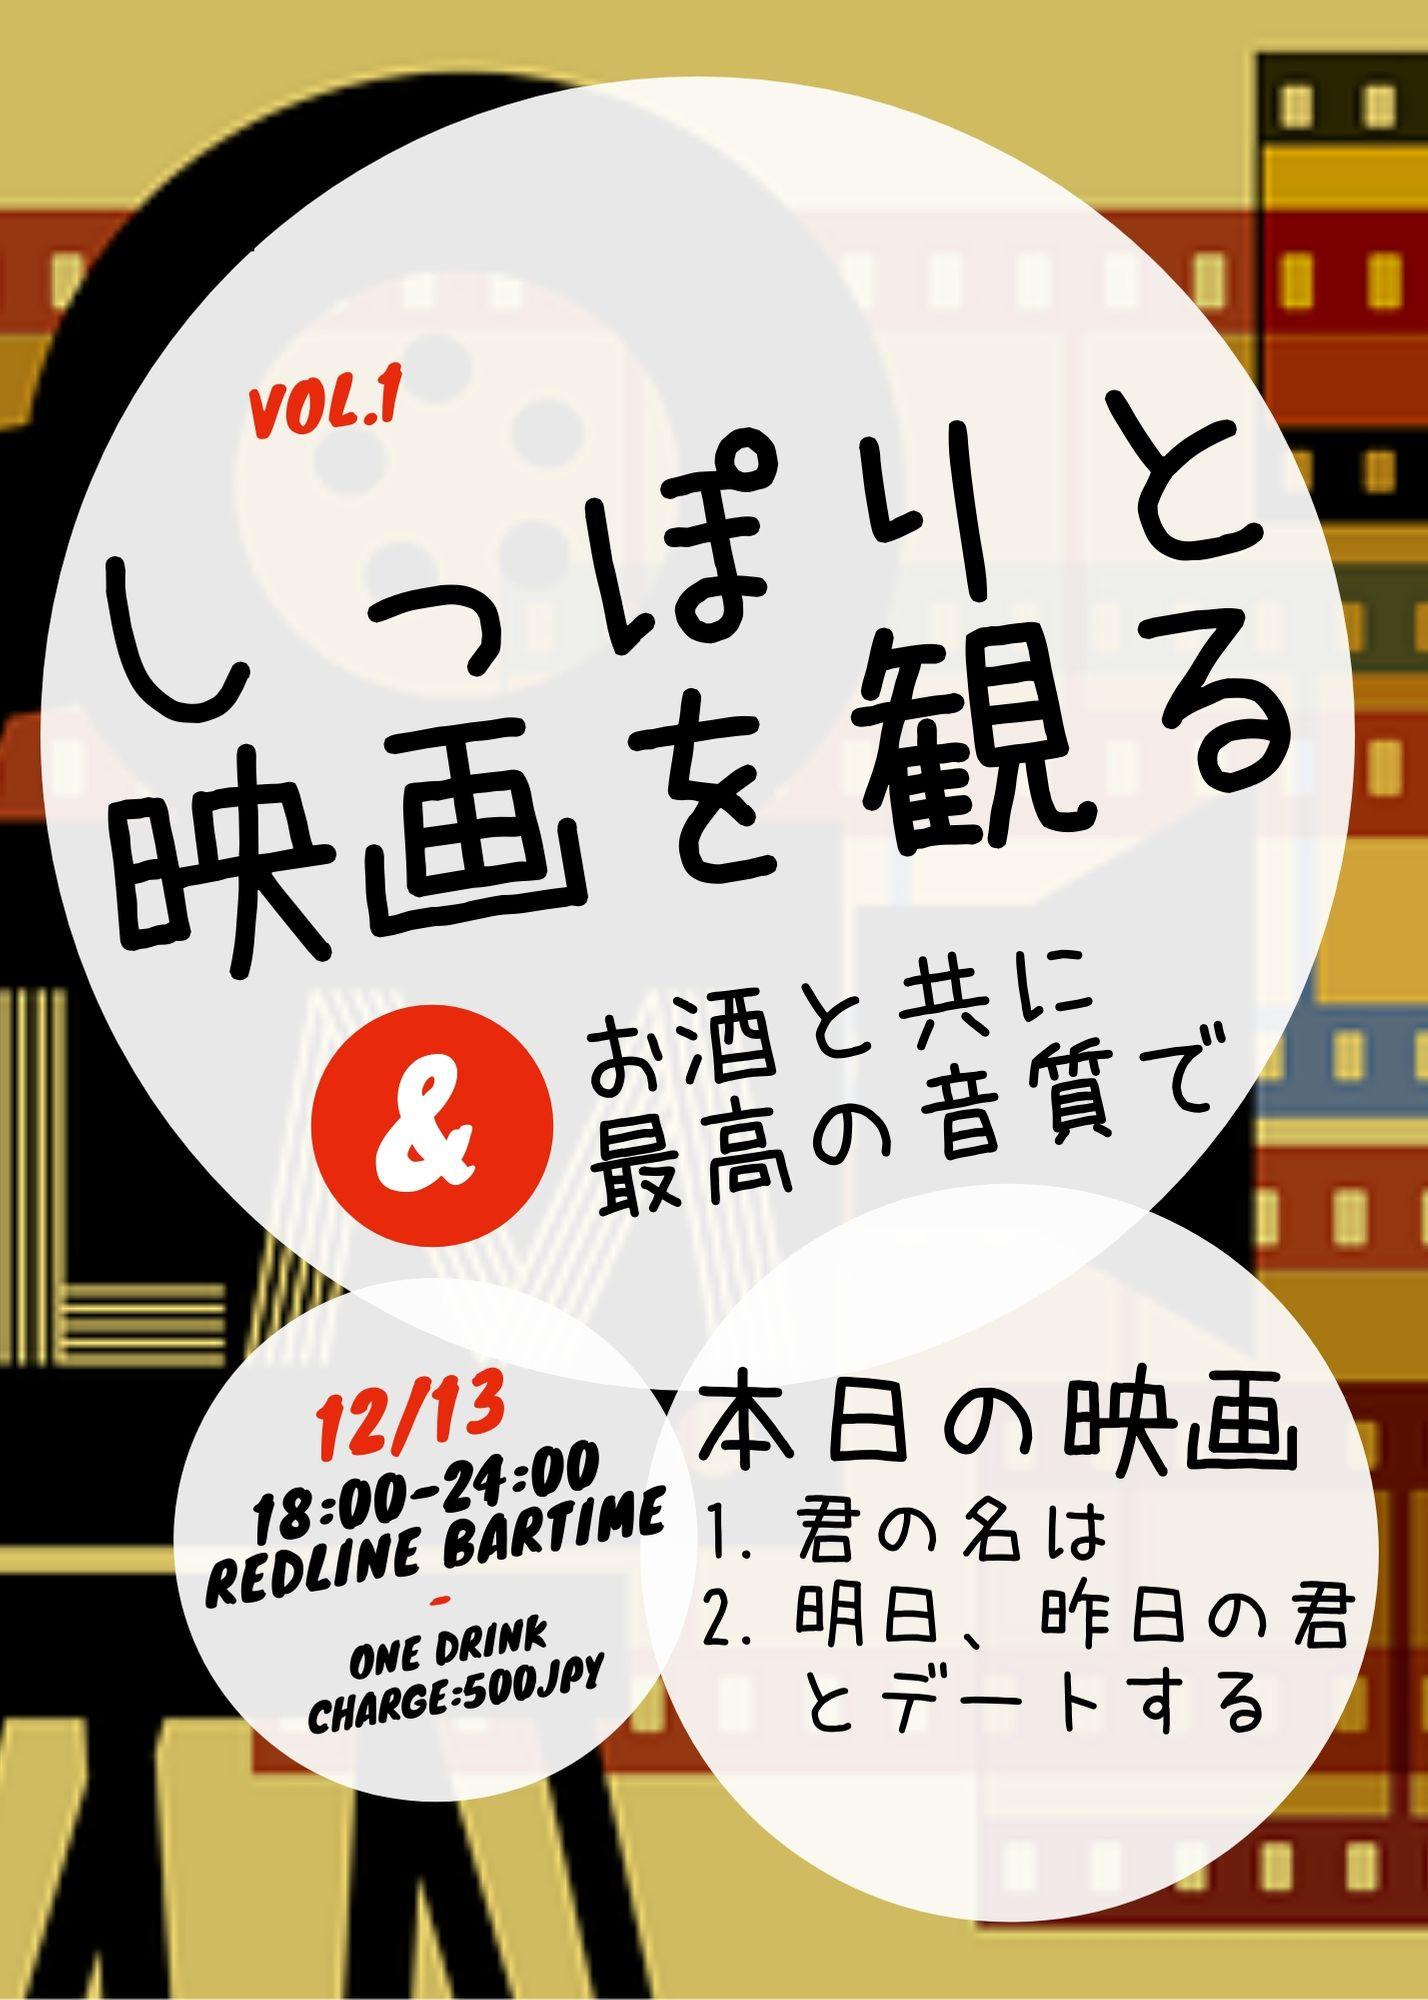 しっぽりと映画を観る Vol.1